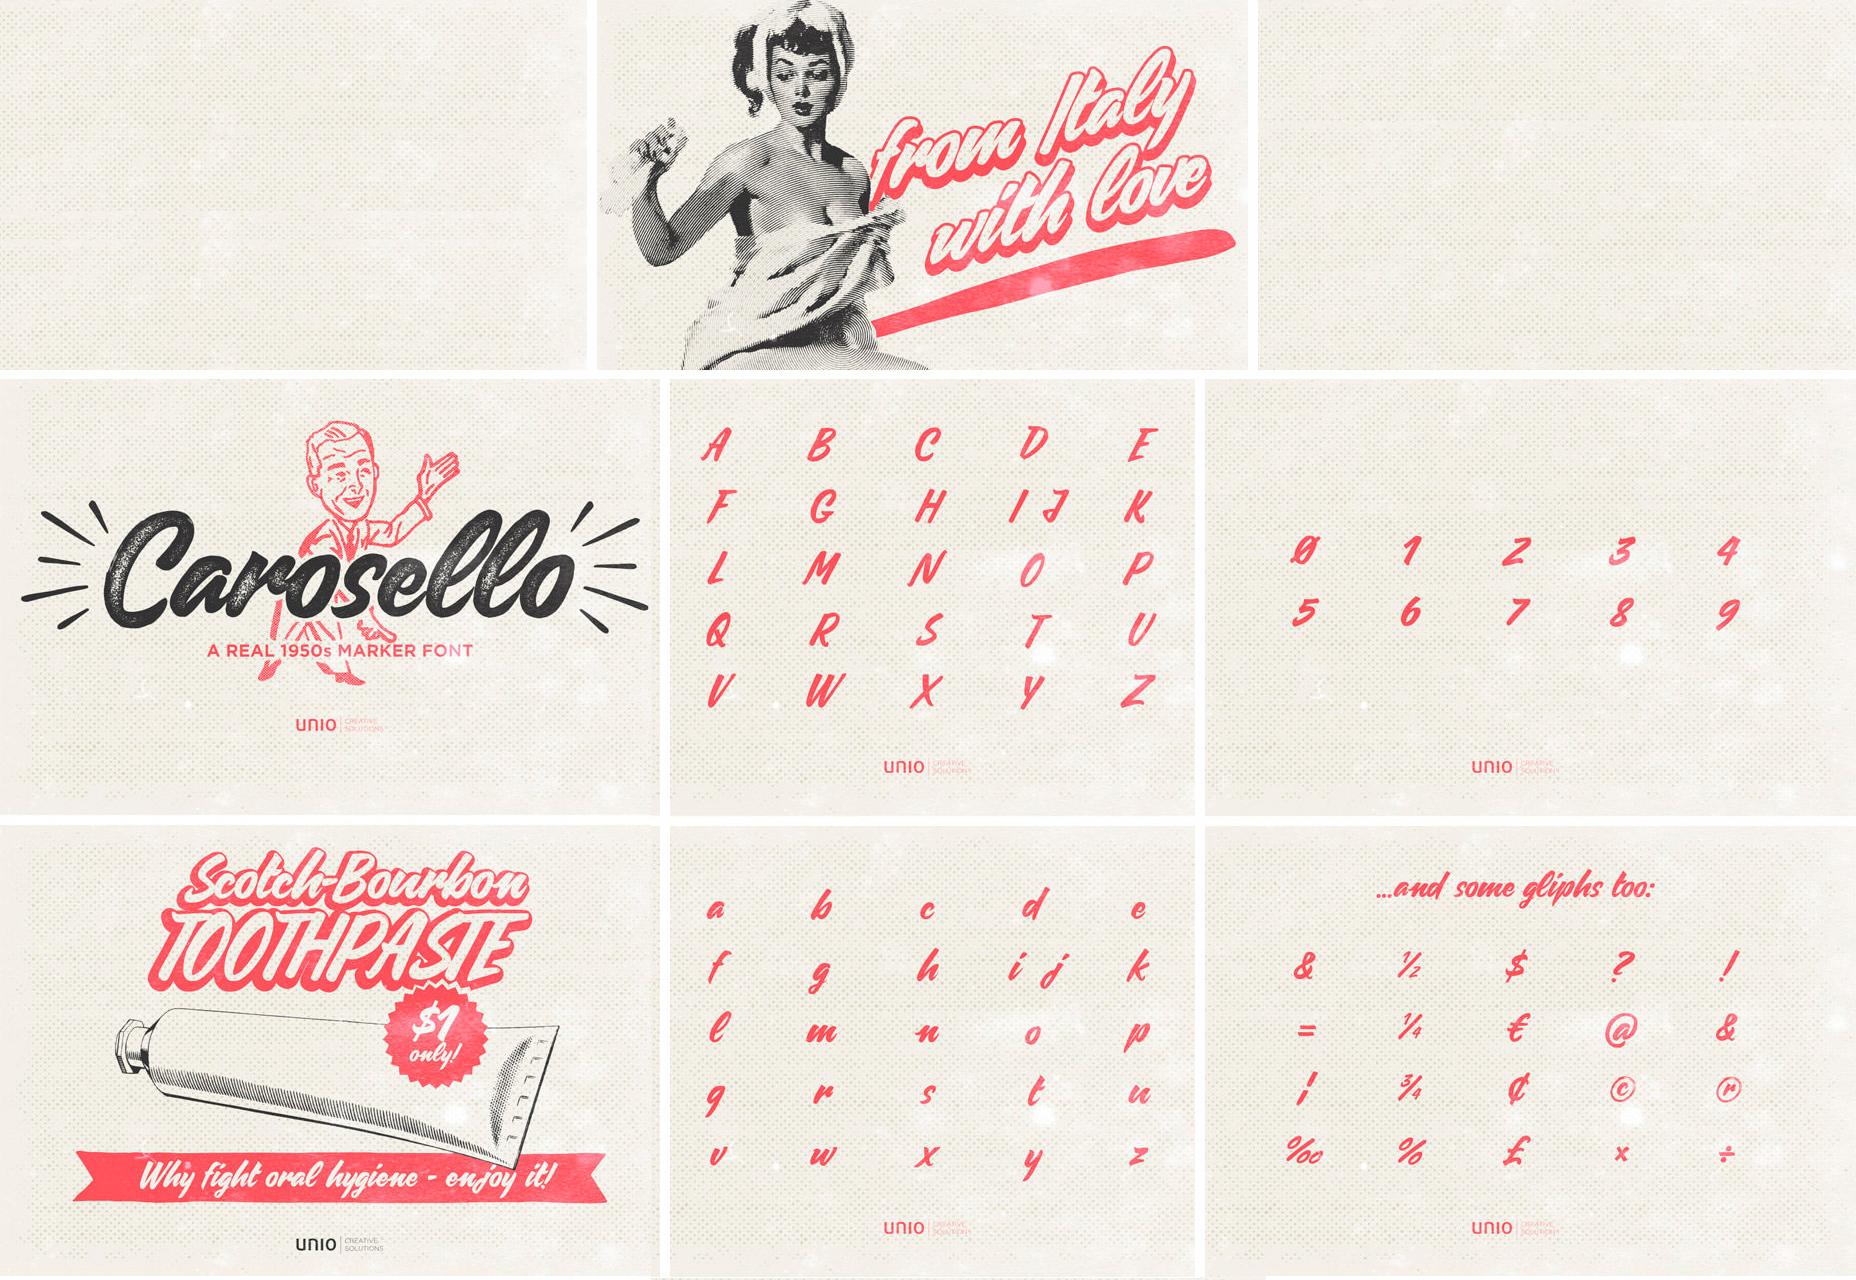 Carosello: Vintage 50's Style Poster Script Fuente